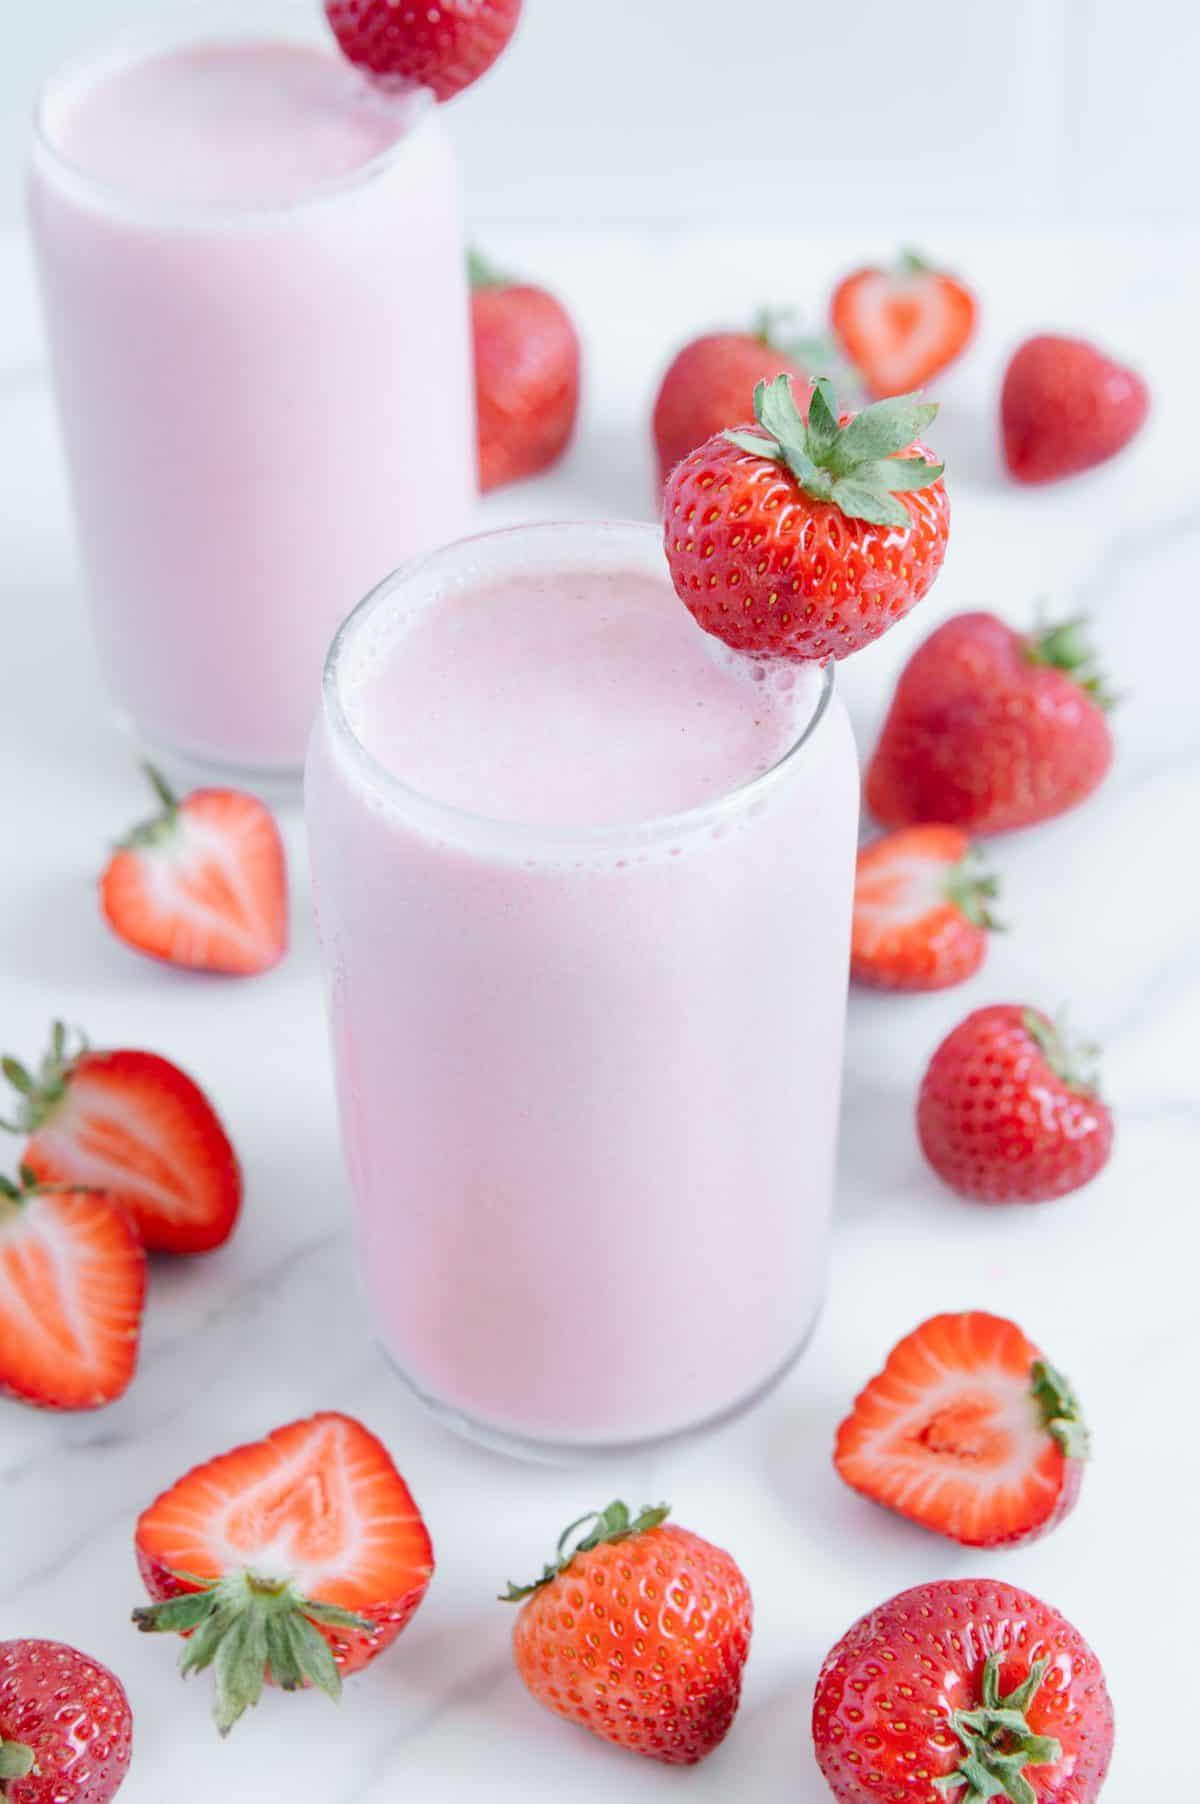 Creamy Vegan Milkshake